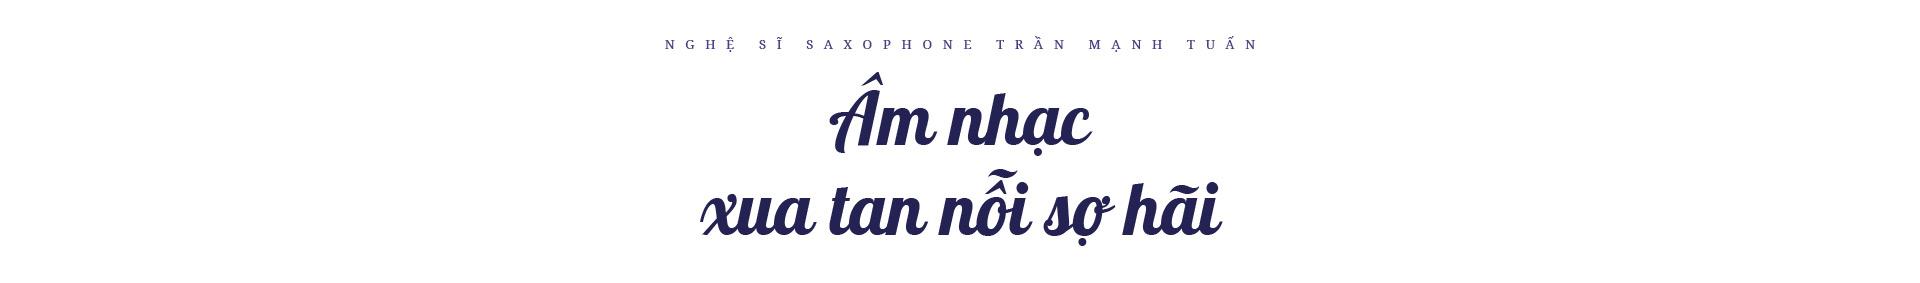 """Nghệ sĩ saxophone Trần Mạnh Tuấn: """"Diễn giữa không gian bệnh viện dã chiến là điều đặc biệt nhất trong đời"""" - Ảnh 5."""